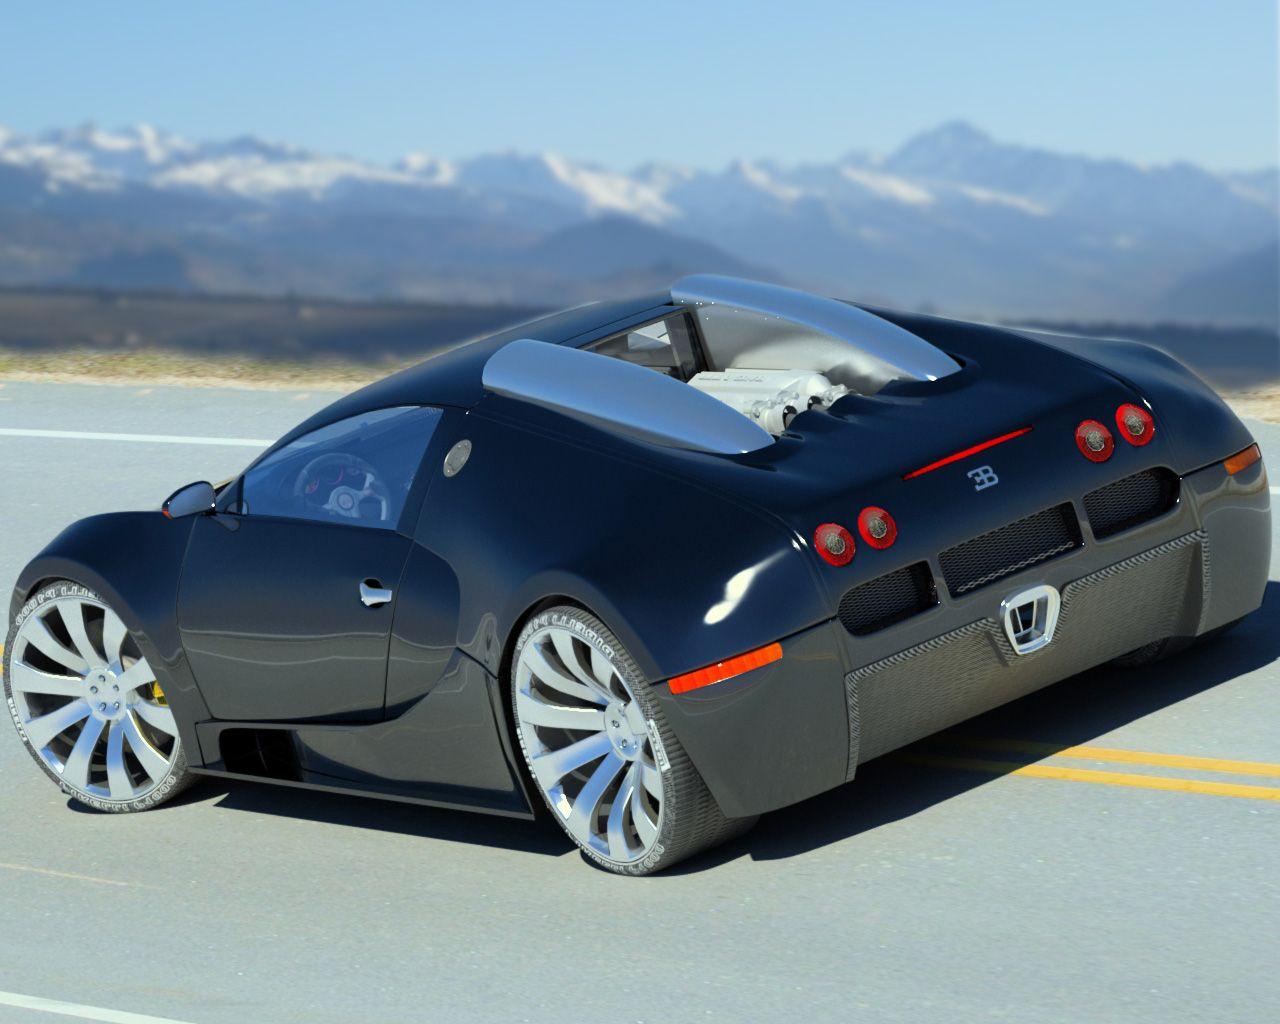 Bugatti Veyron Bugatti Veyron Super Cars Bugatti